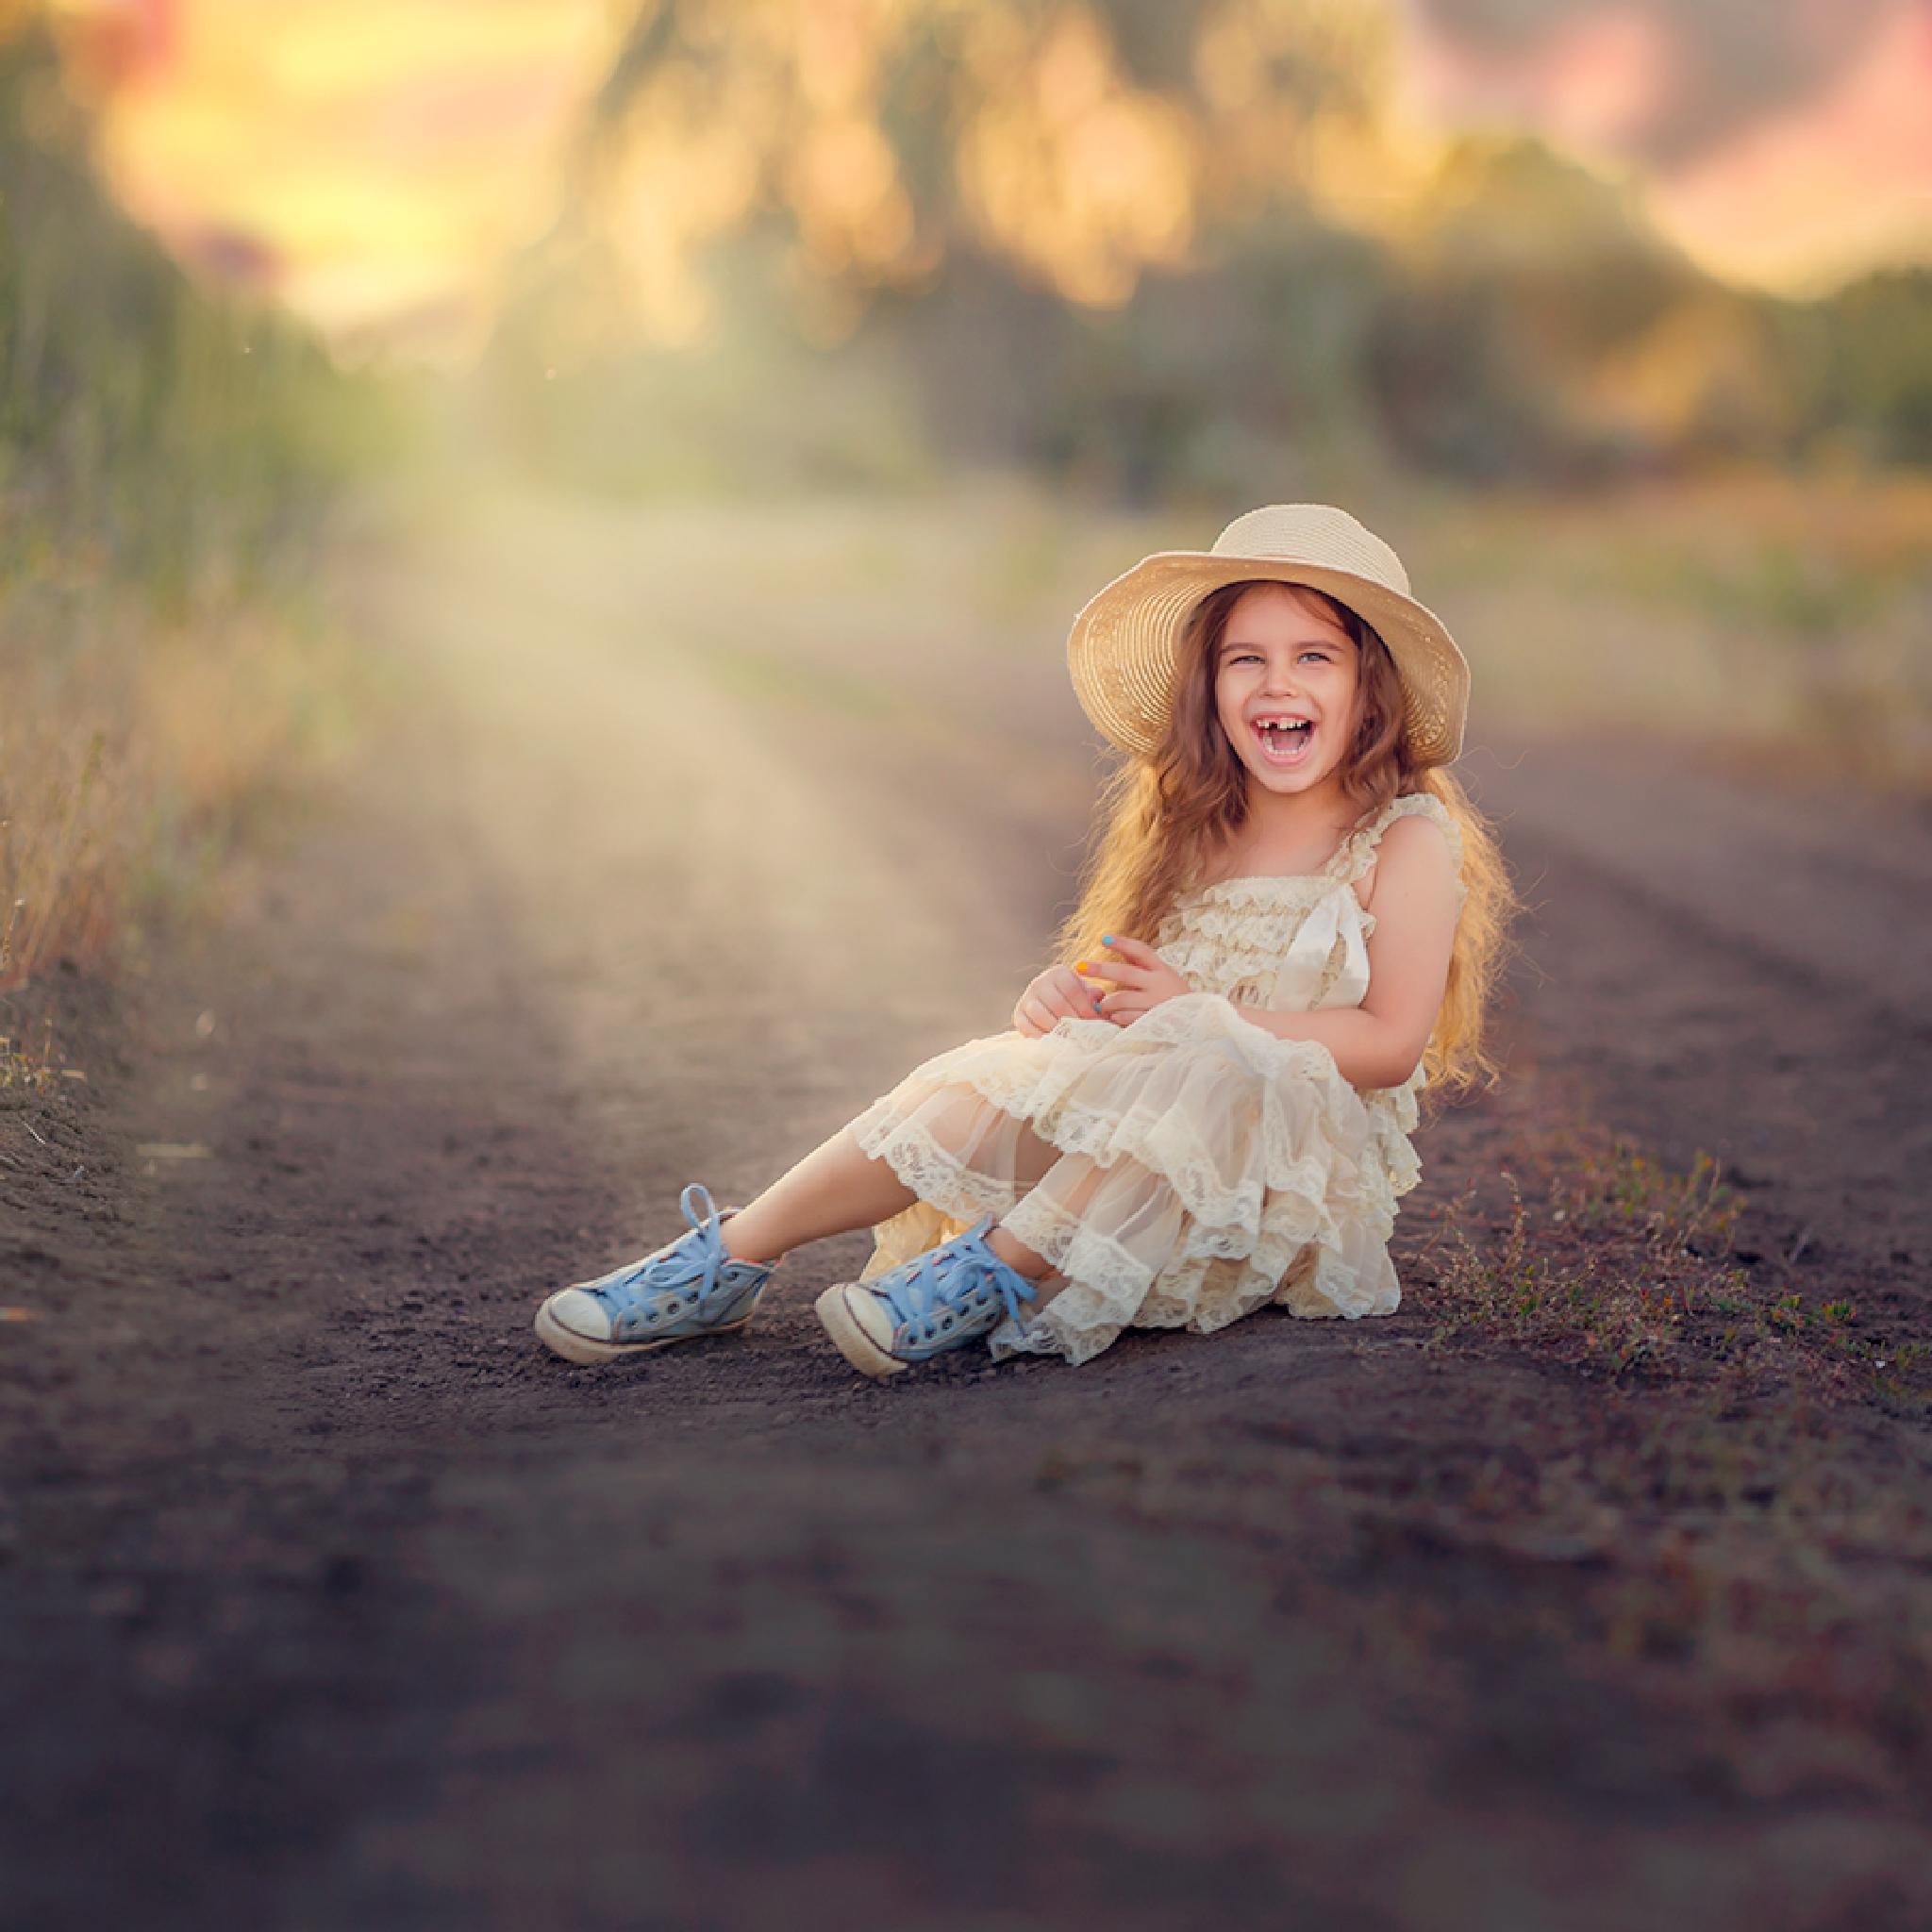 children's laughter by Olga Moskaltsova